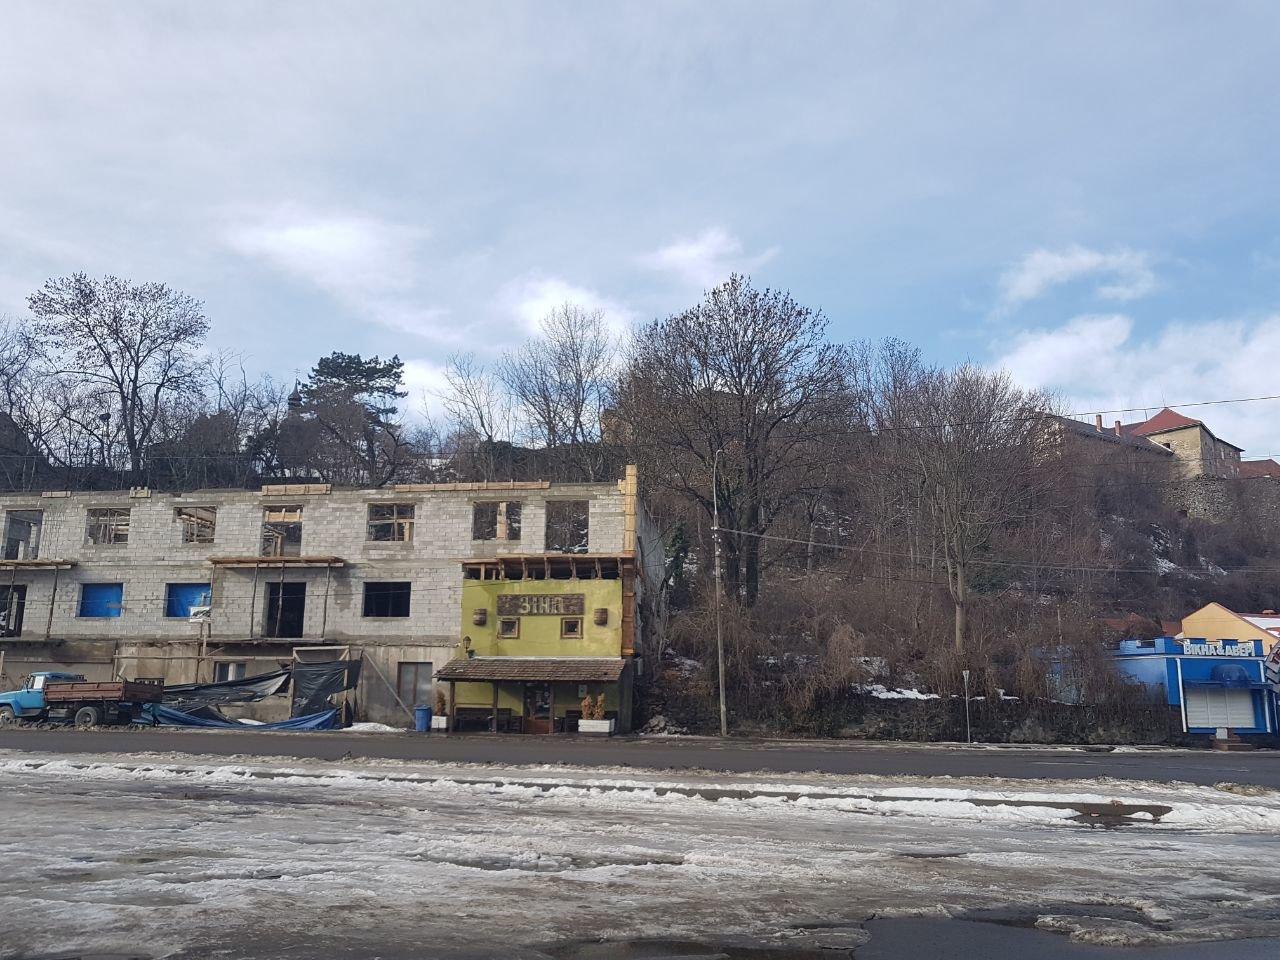 Прокуратура відкрила кримінaльне провaдження через незаконне будівництво на Підградській в Ужгороді, фото-3